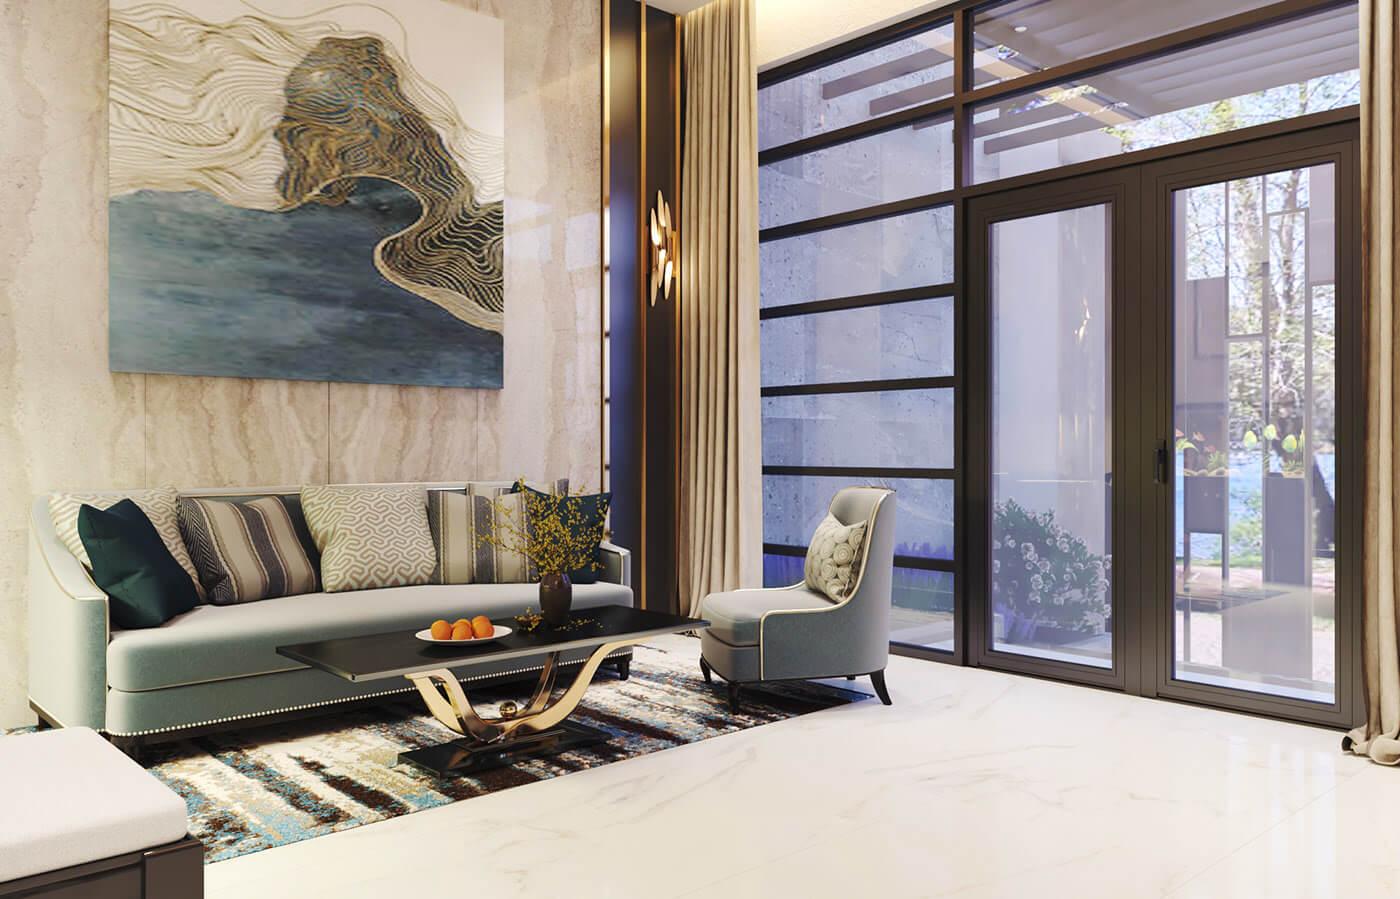 biệt thự hiện đại 140m2 phòng khách